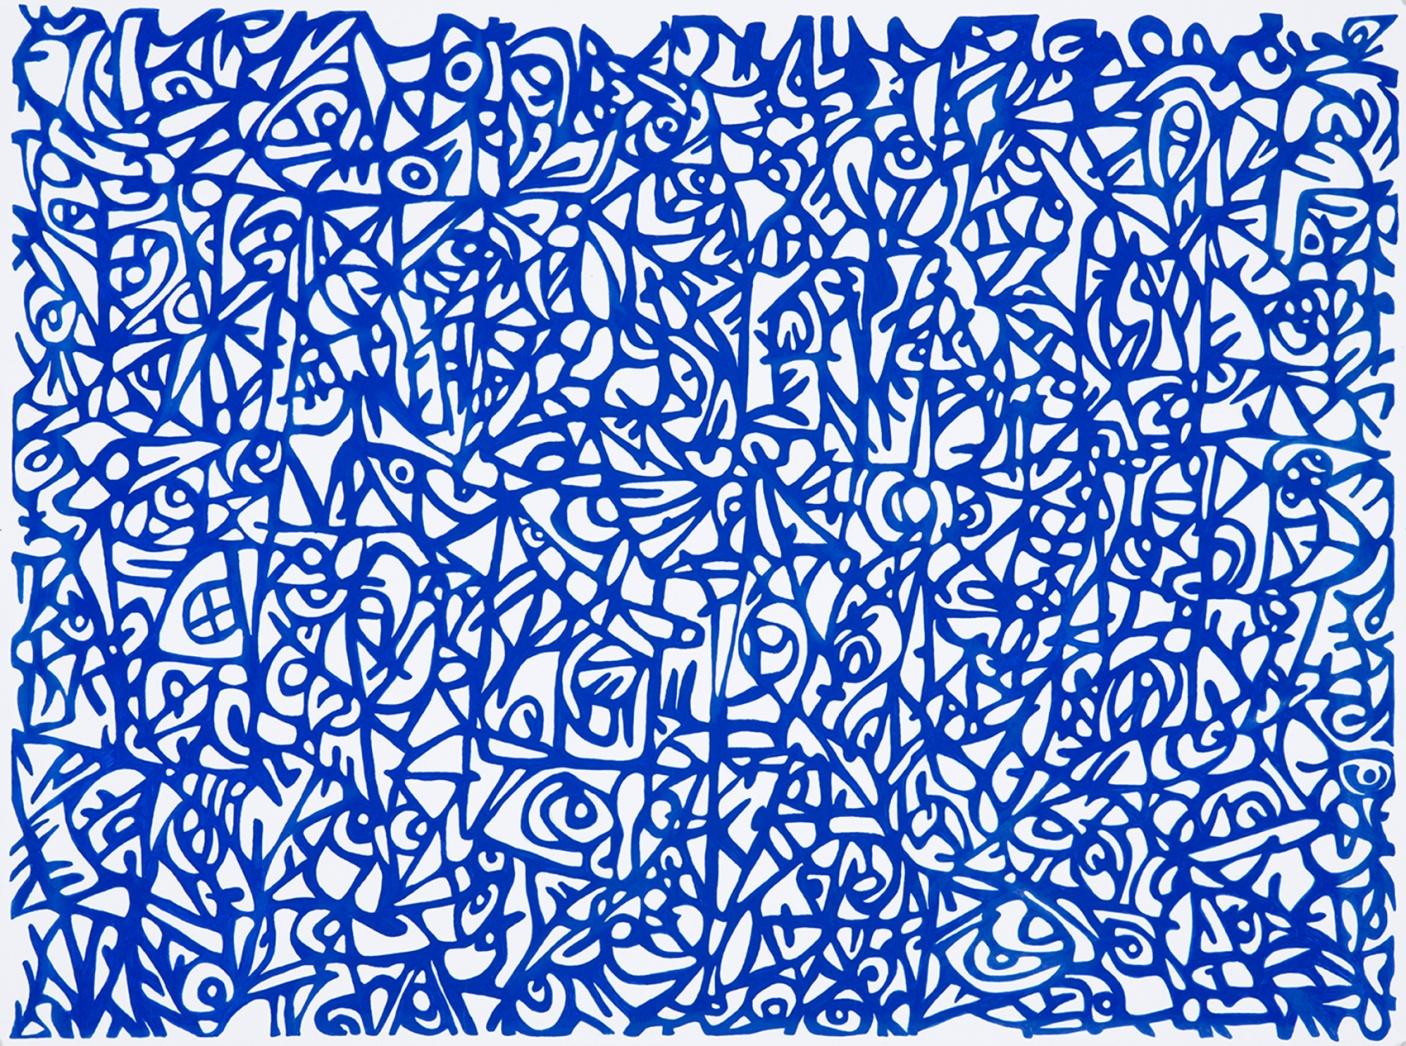 Peintures - Romain Denis - 13